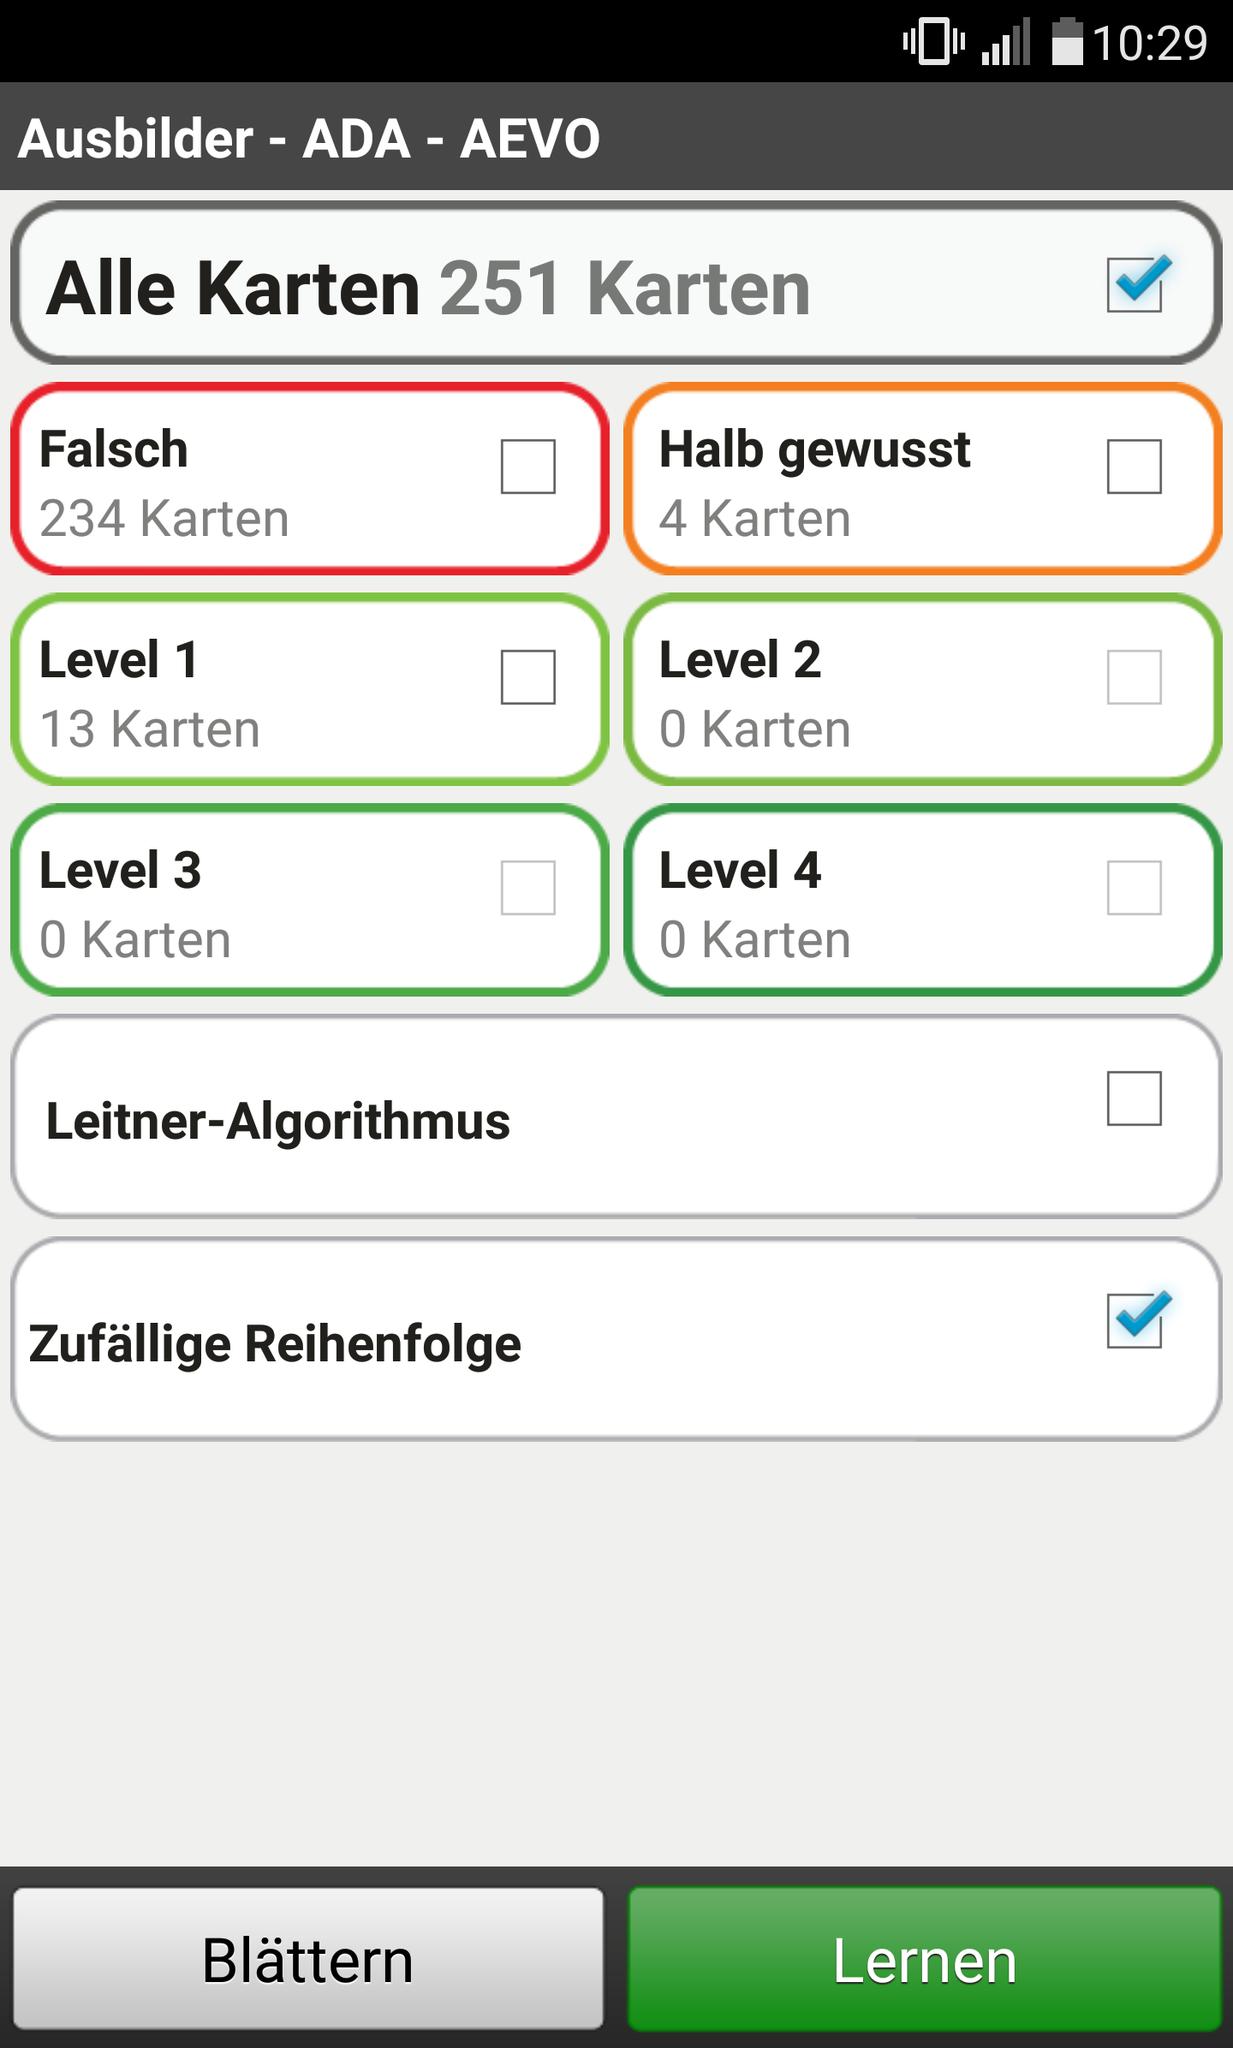 Lernübersicht in der App